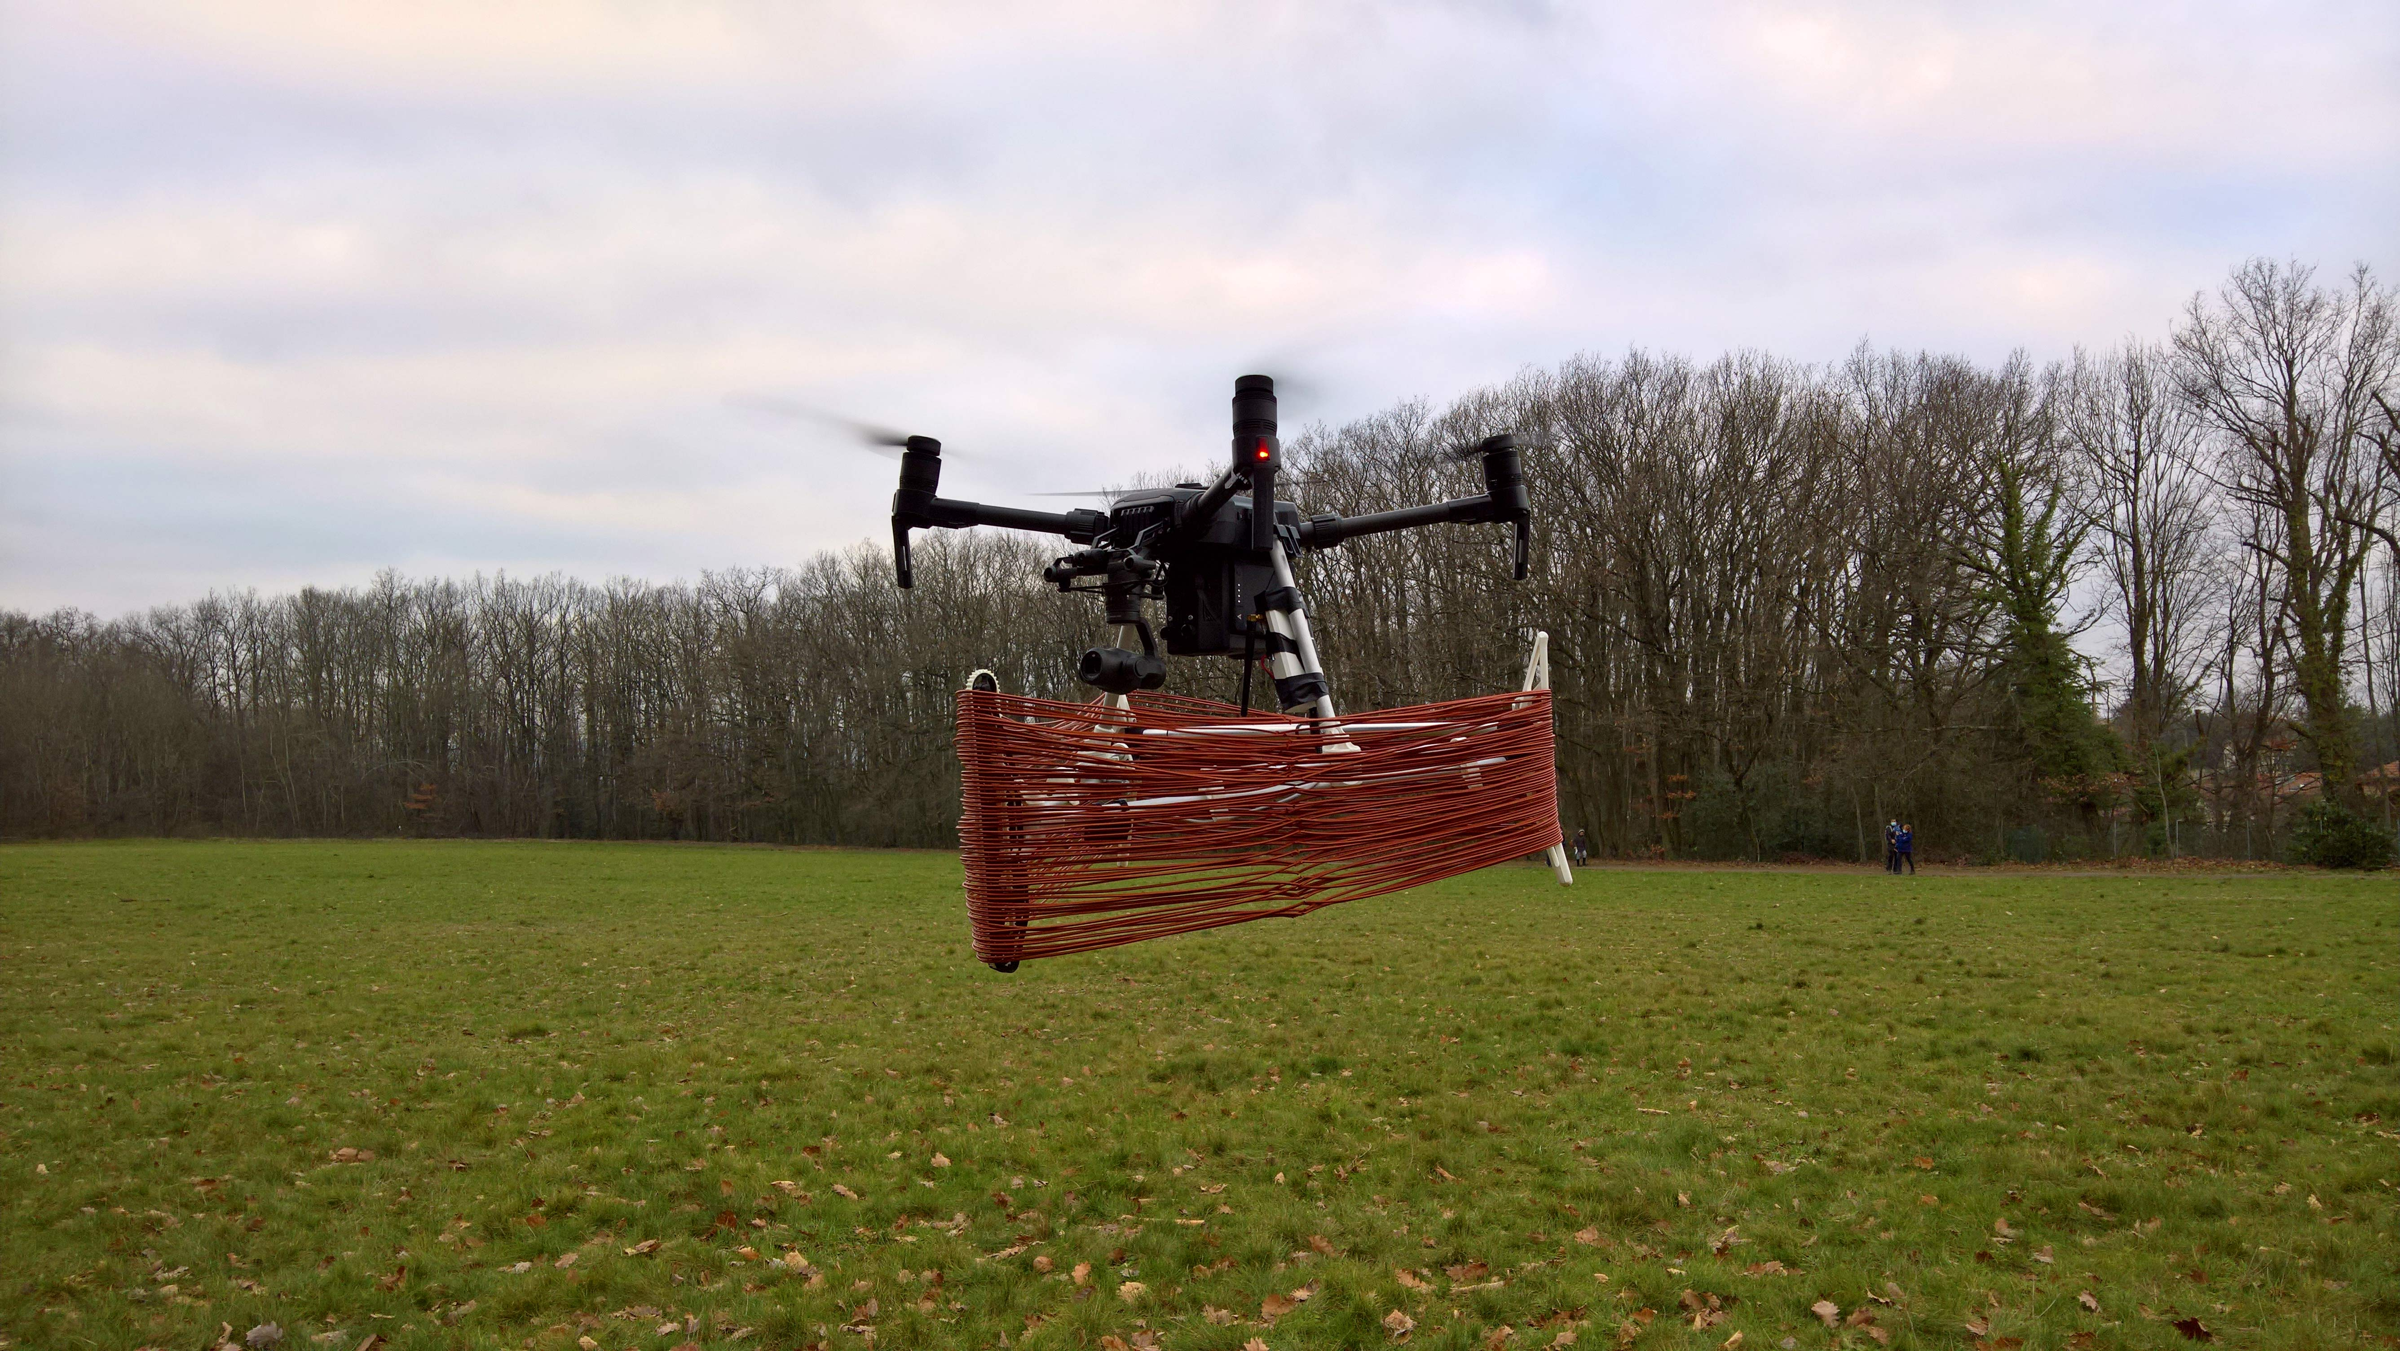 Pherodrone carrying rings